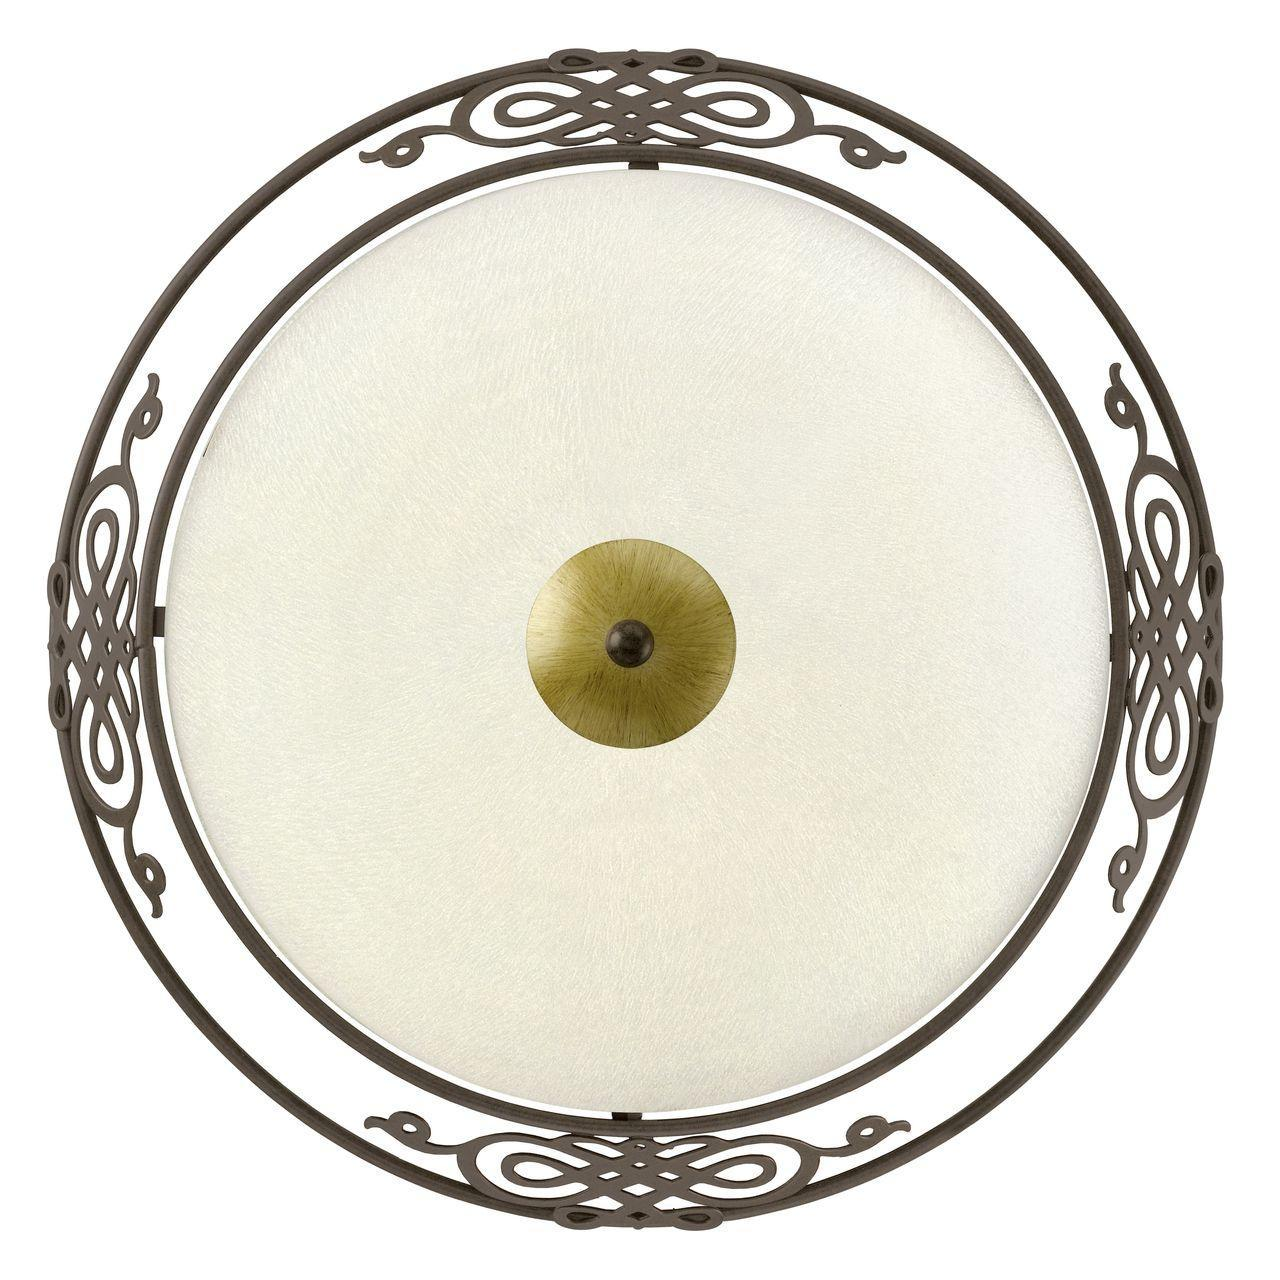 Потолочный светильник Eglo Mestre 86712 все цены